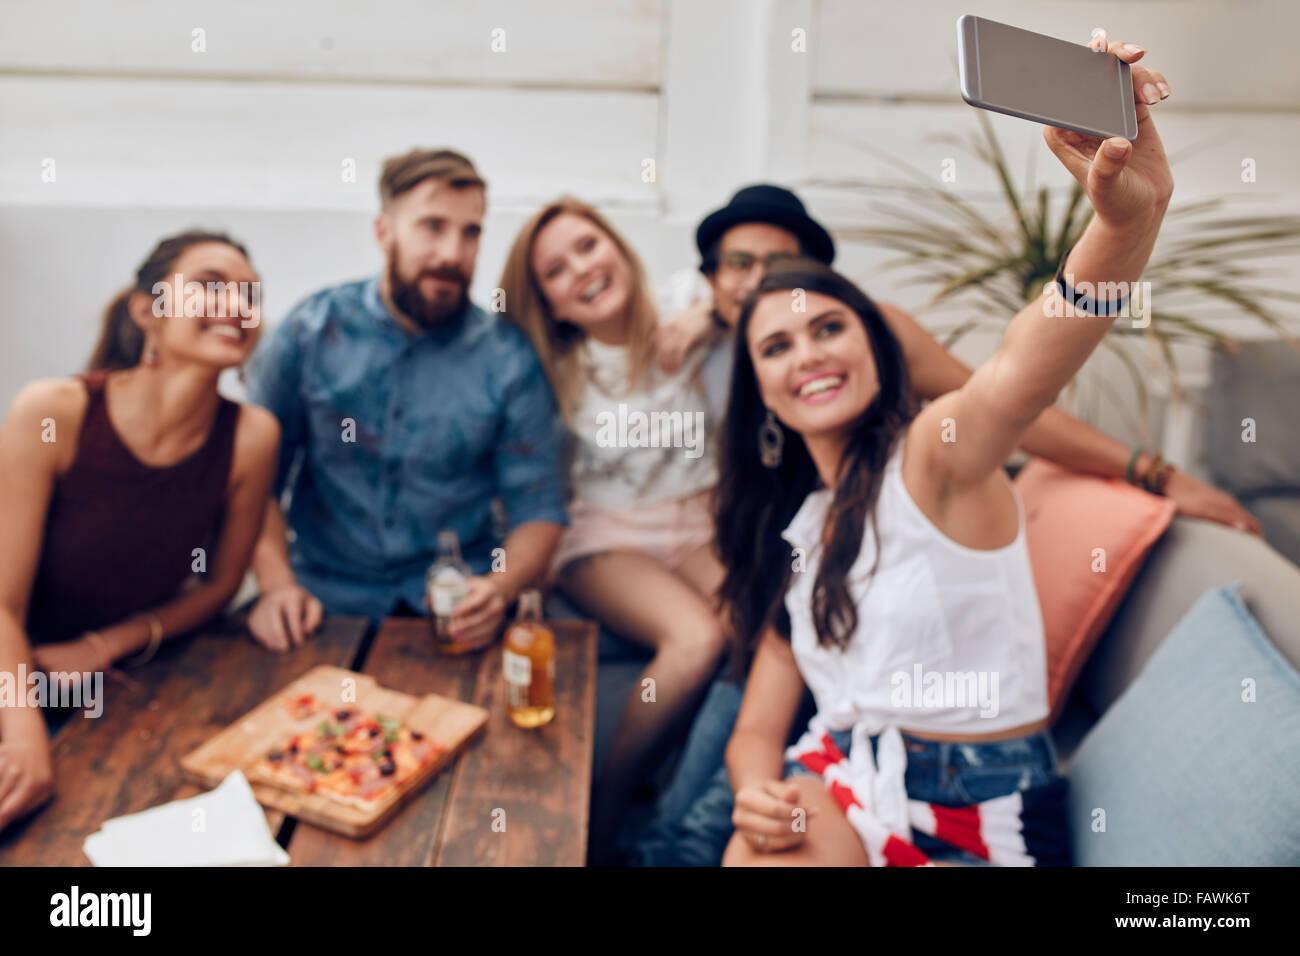 Groupe d'amis ayant une partie sur le toit en faisant un à se souvenir de ce parfait selfies moment. Heureux Photo Stock